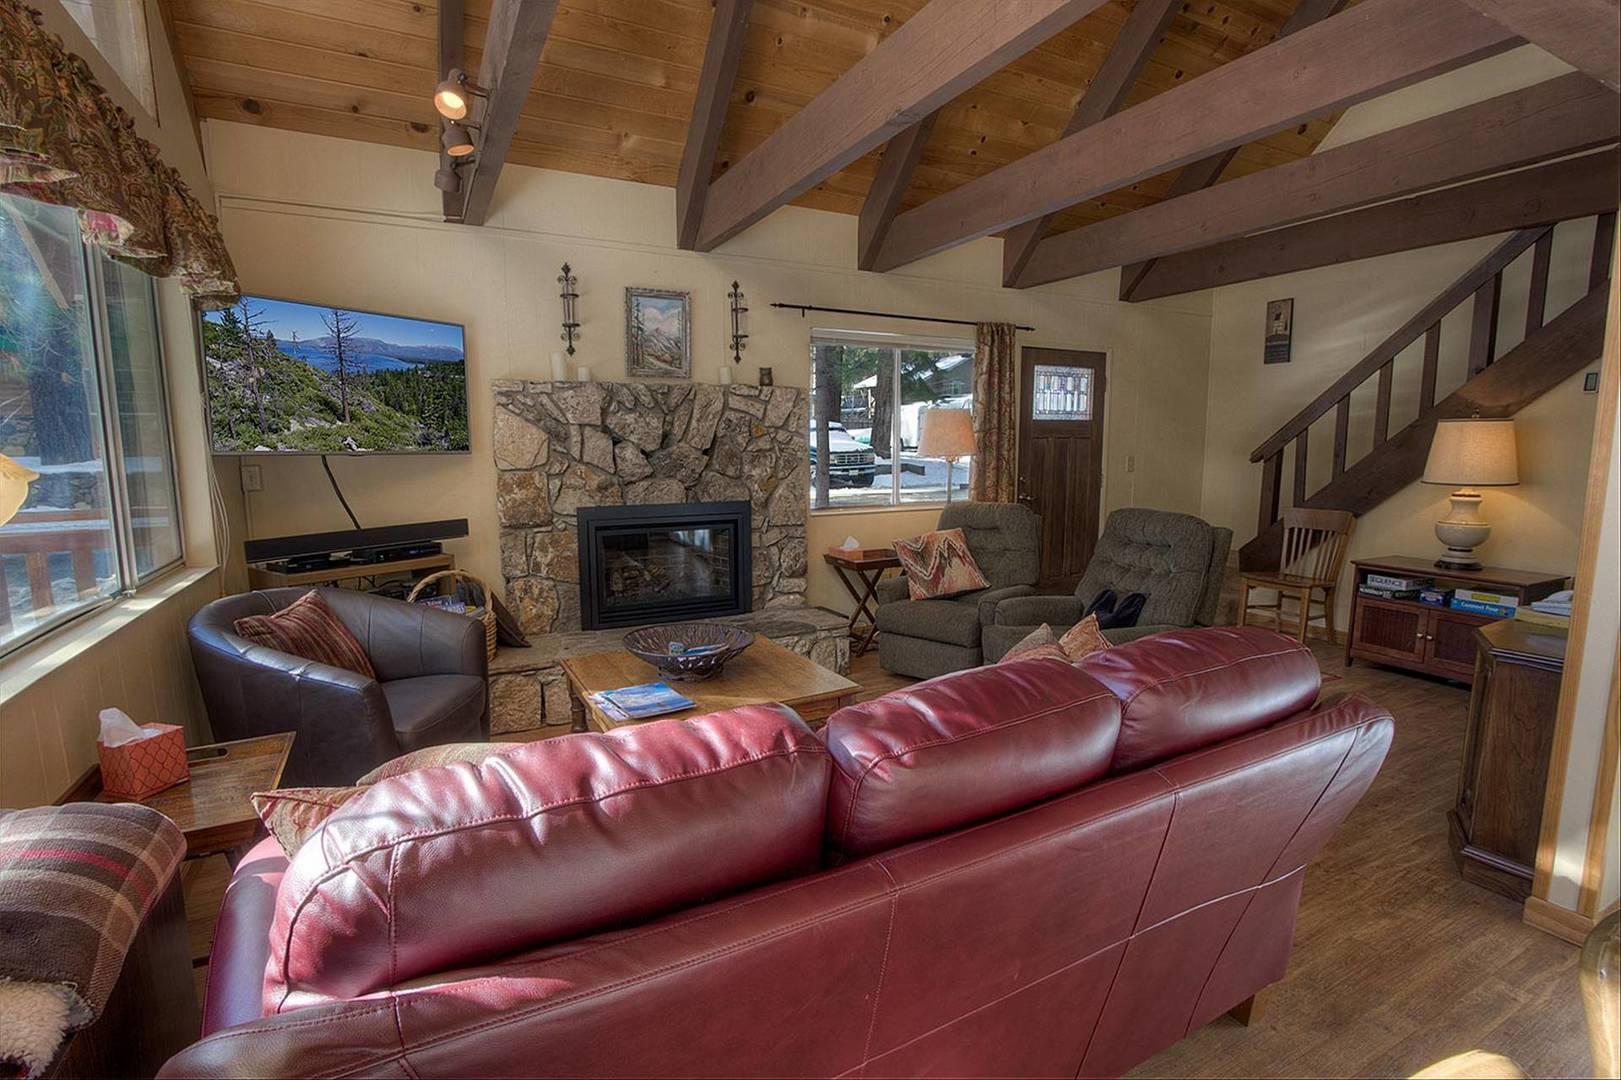 cyh0881 living room